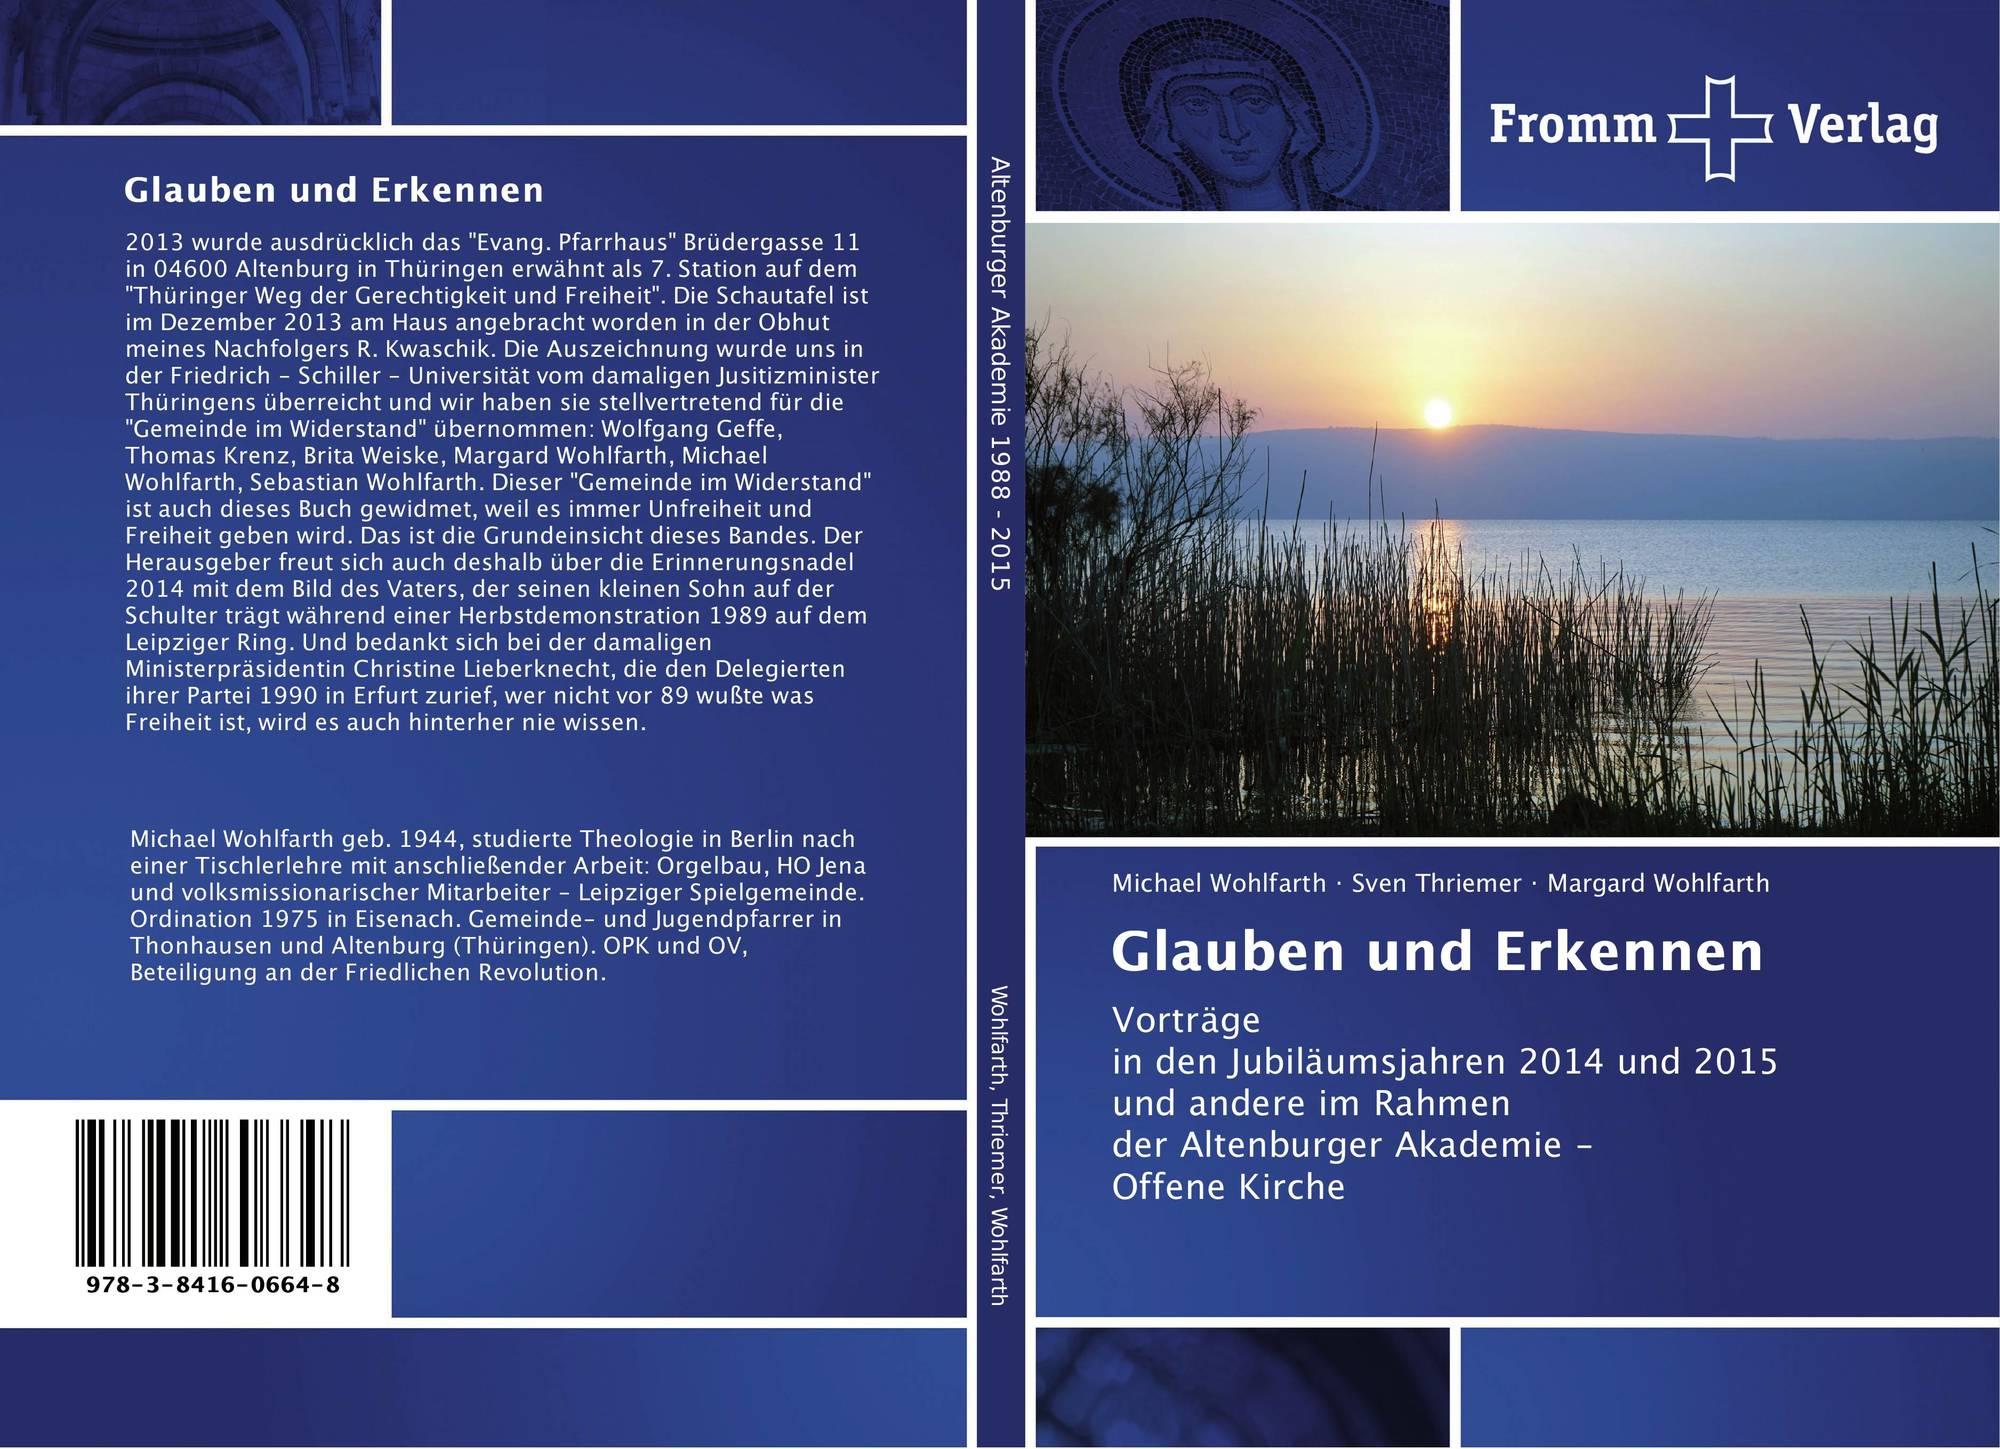 Glauben und Erkennen, 978-3-8416-0664-8, 3841606644 ,9783841606648 ...